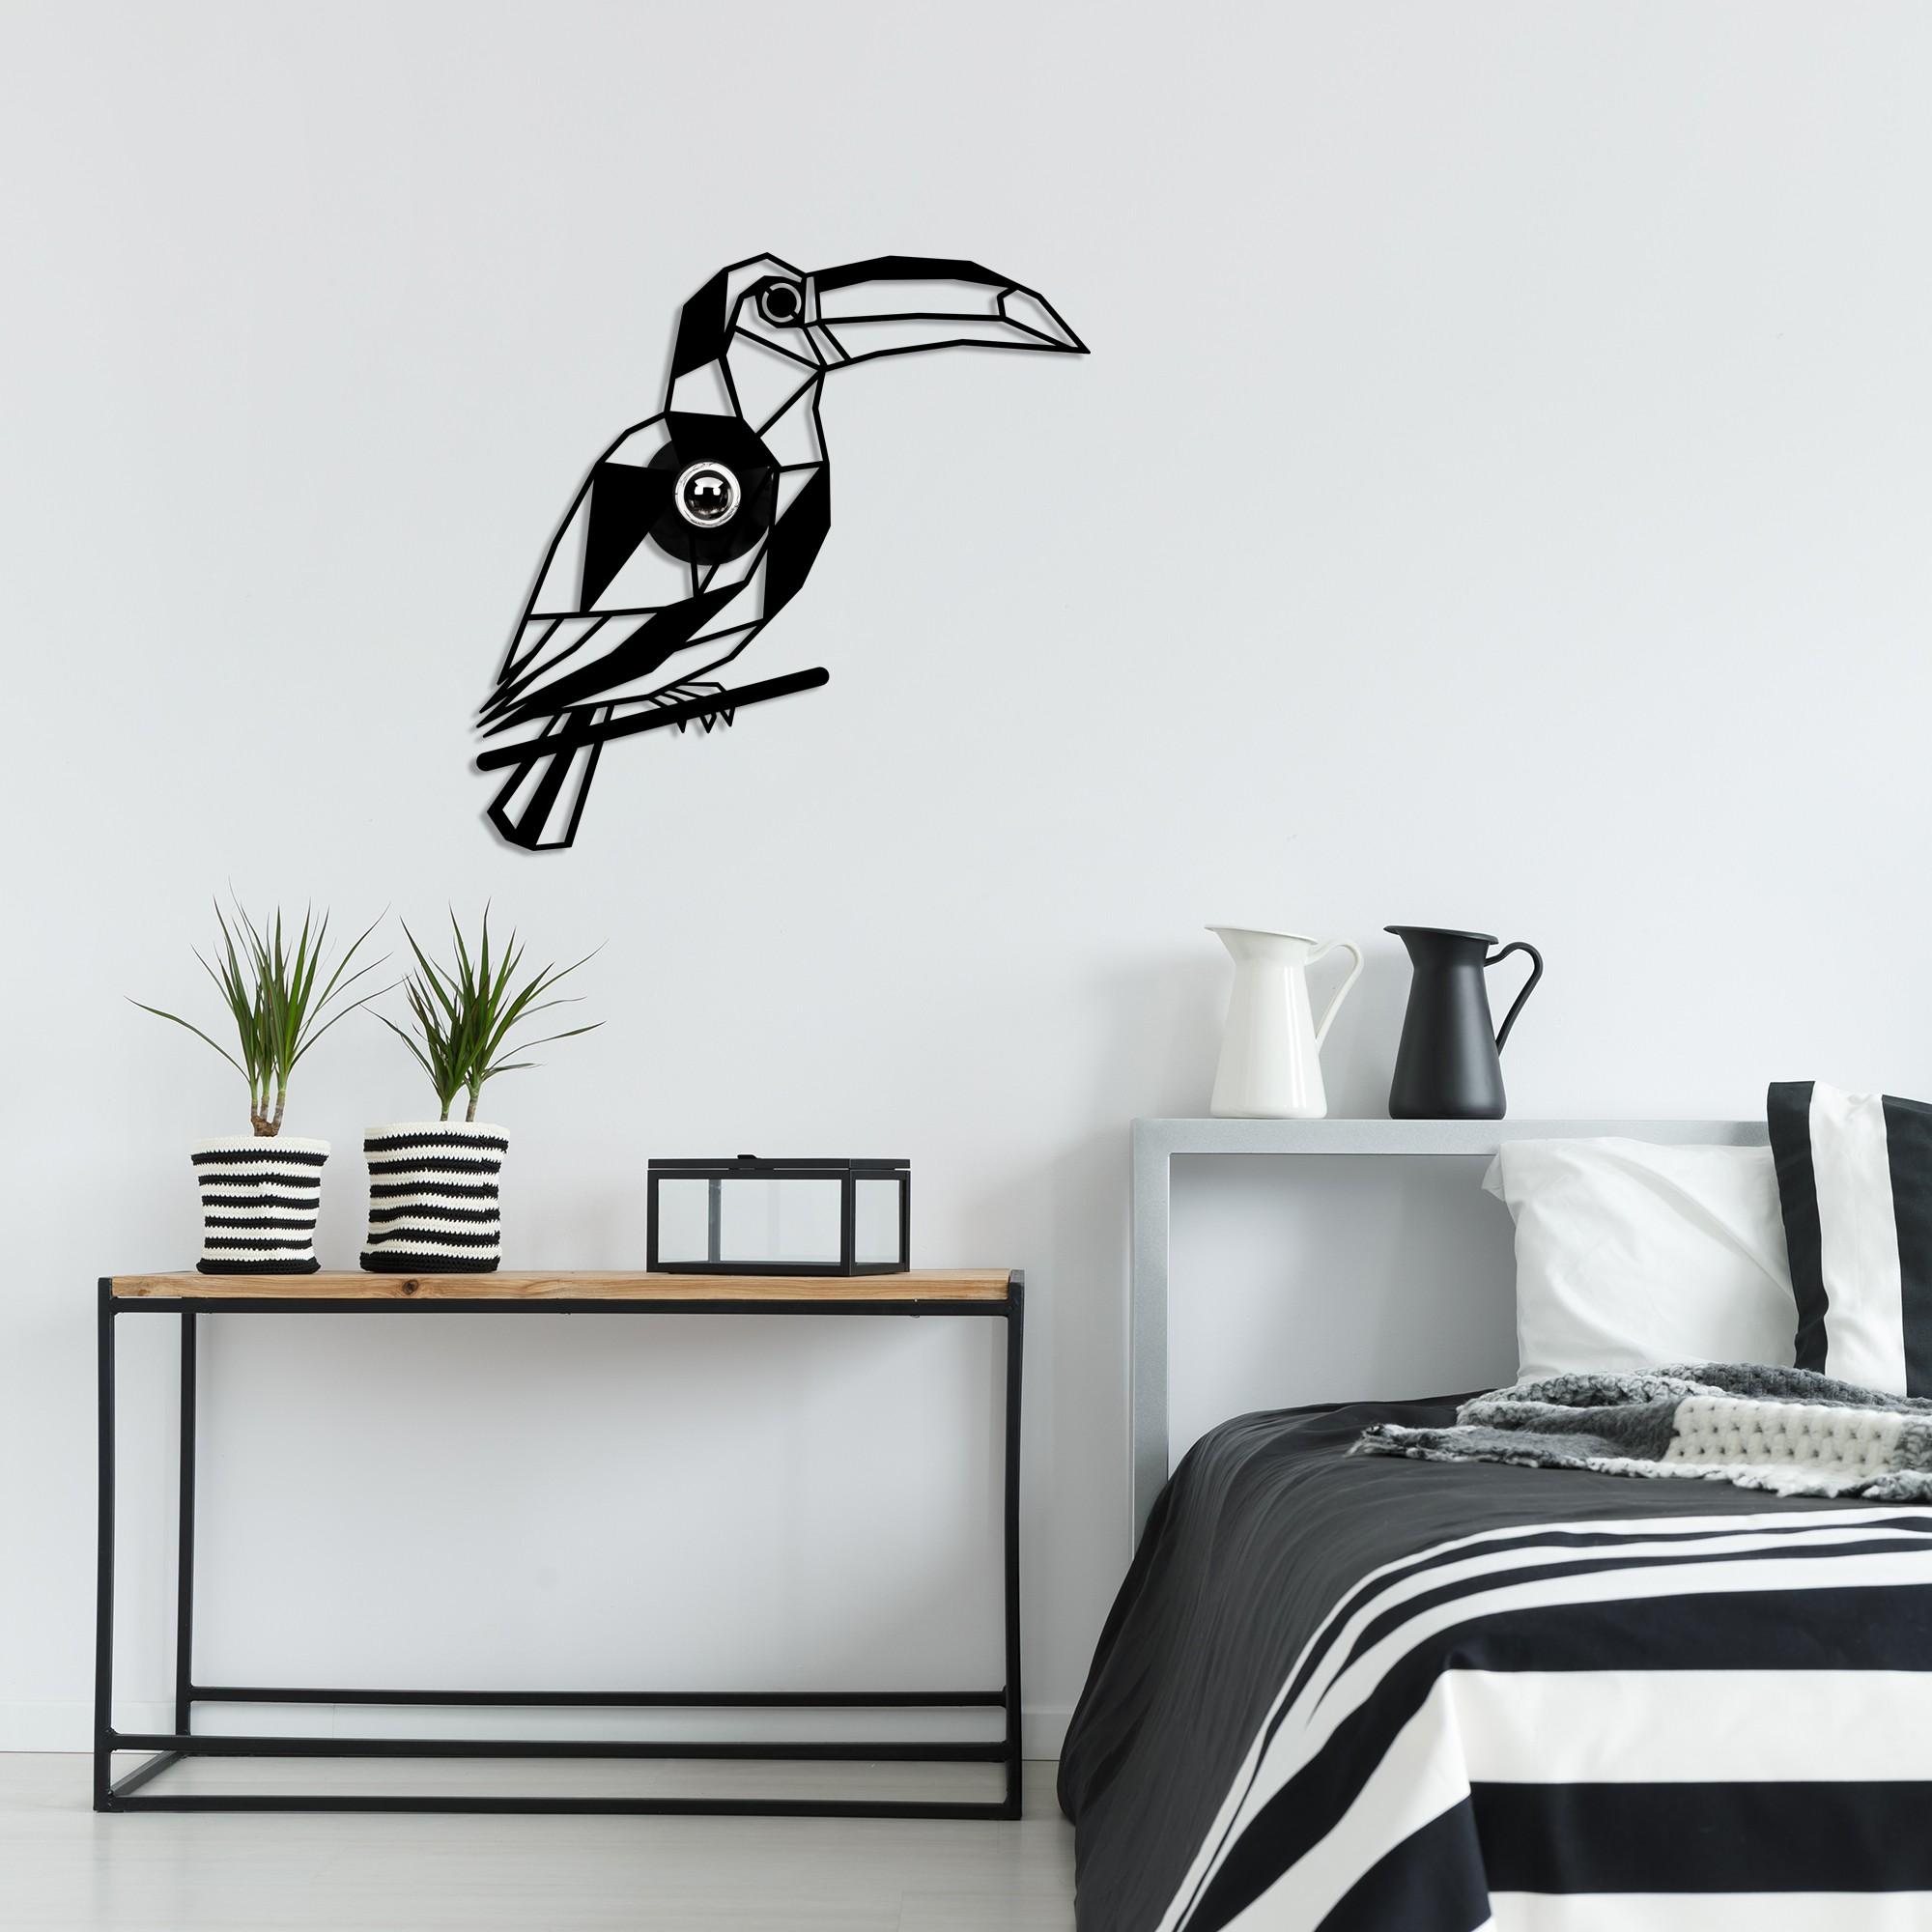 Industriële wanddecoratie dieren lamp - E27 fitting - Tukan - dimbaar - sfeerfoto 2